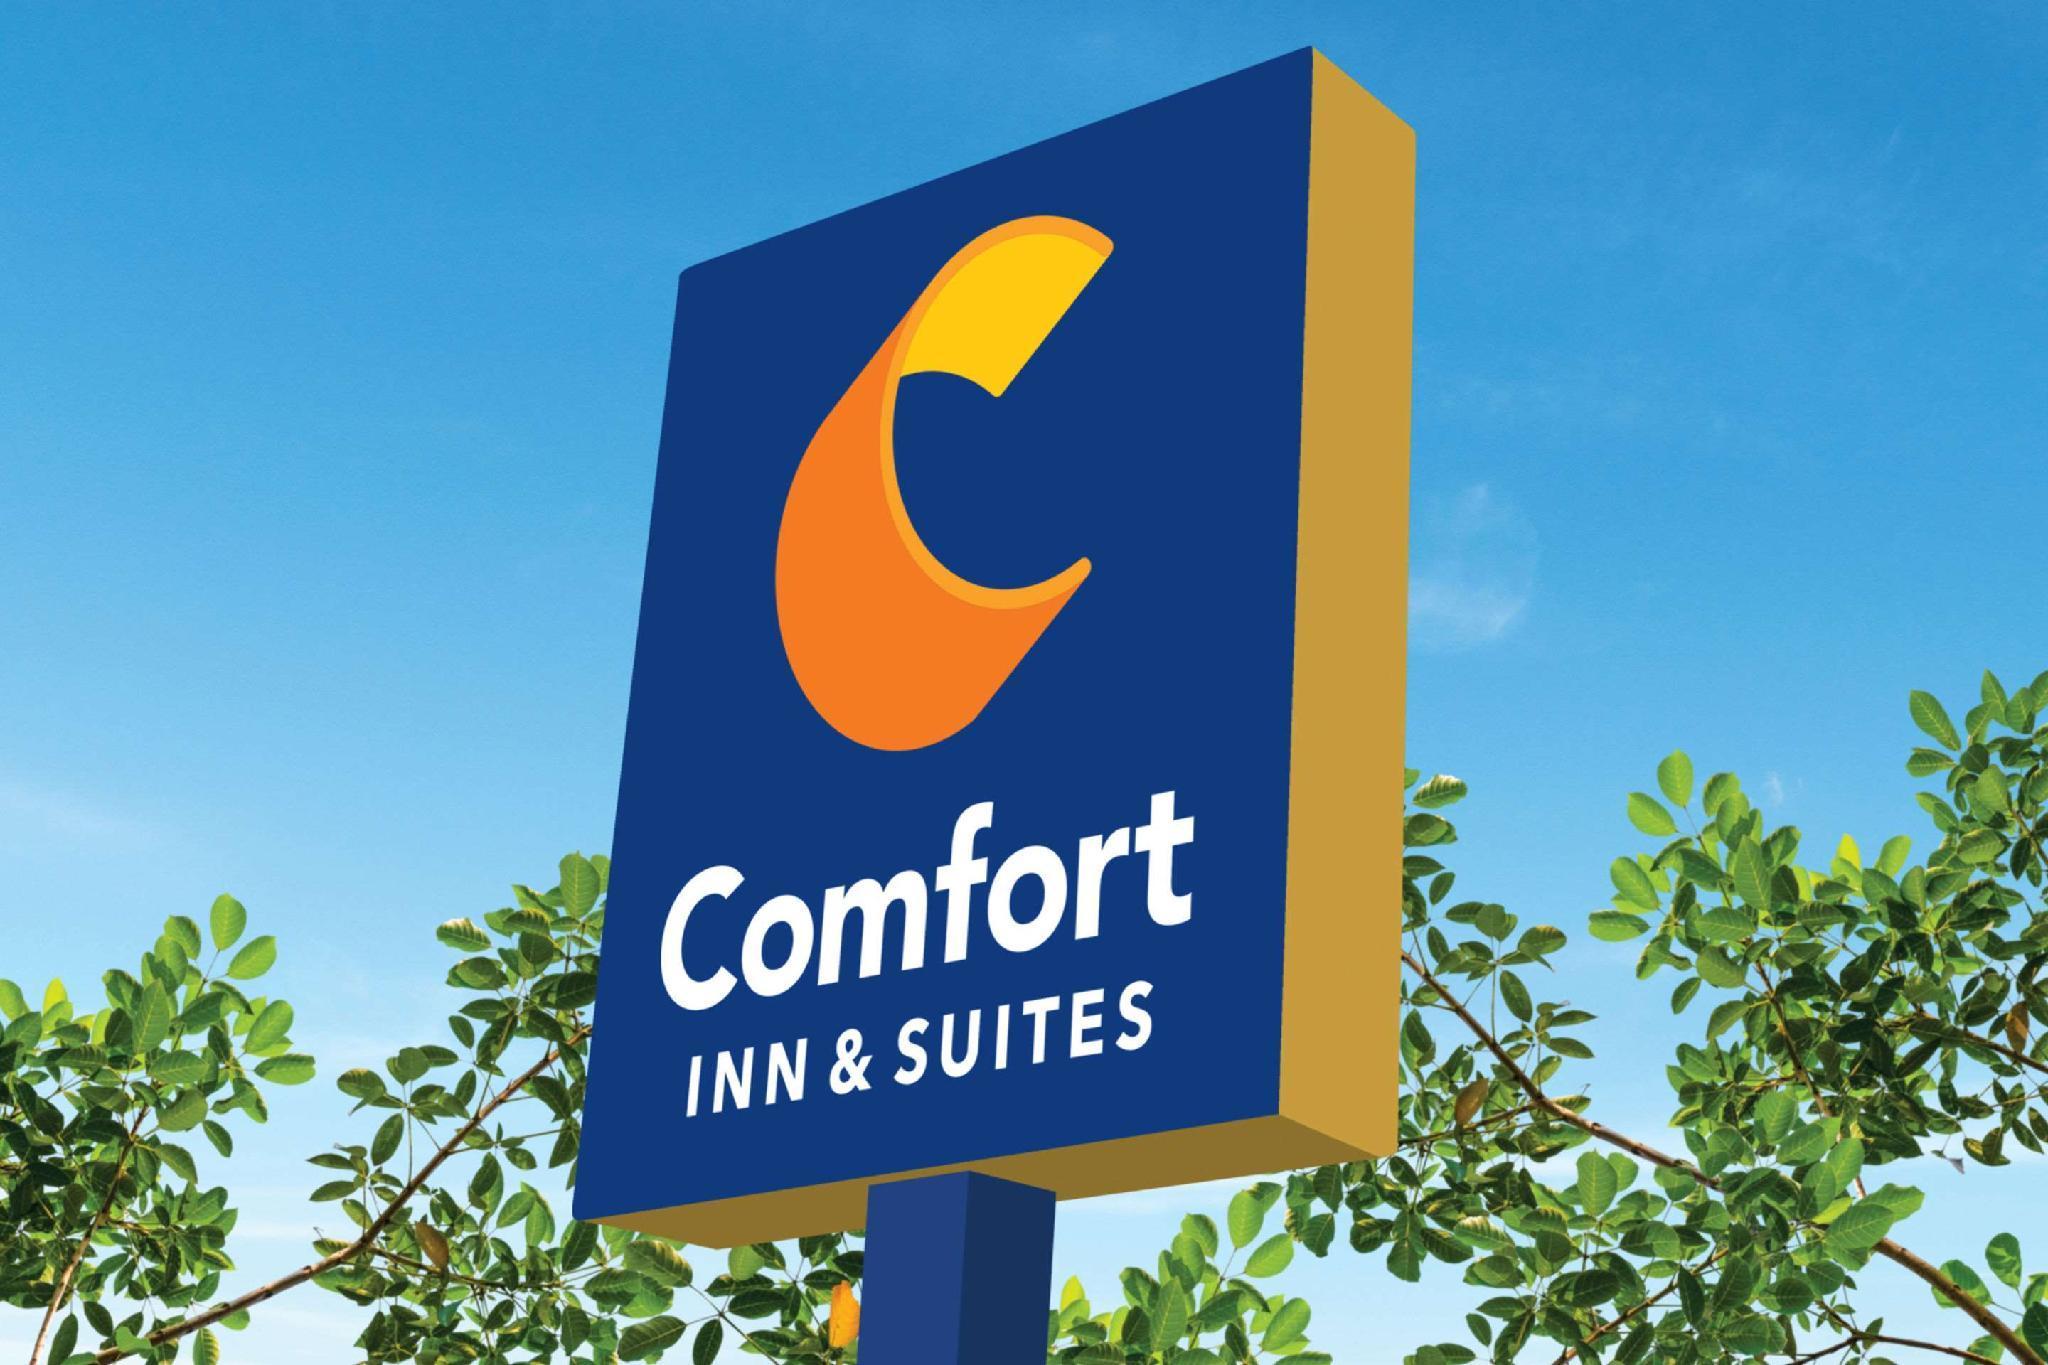 Comfort Inn And Suites ISU